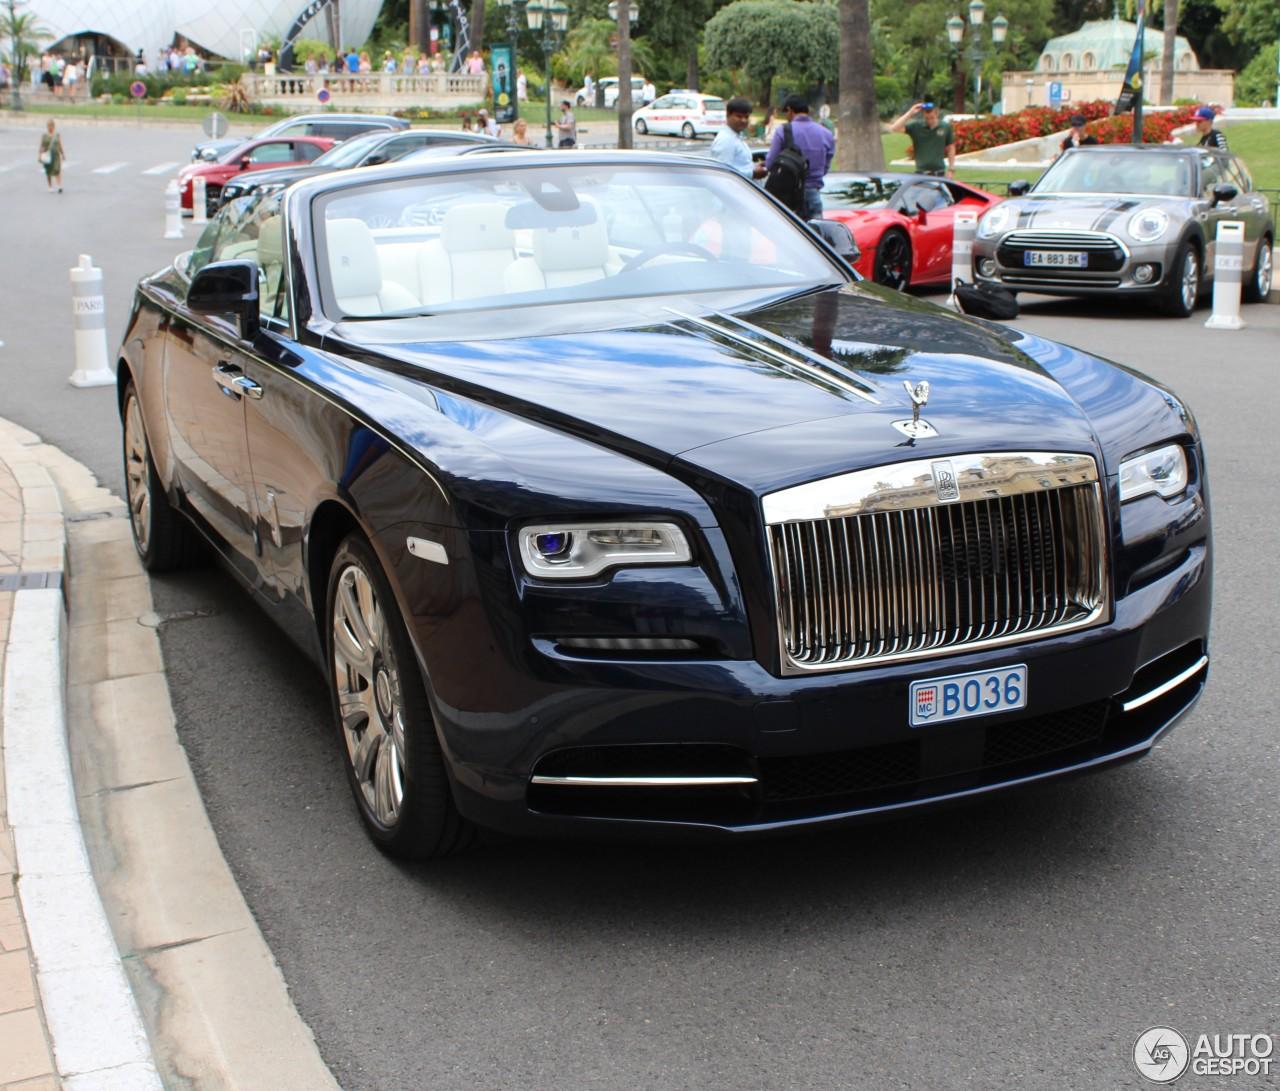 2016 Rolls Royce Wraith Camshaft: Rolls-Royce Dawn